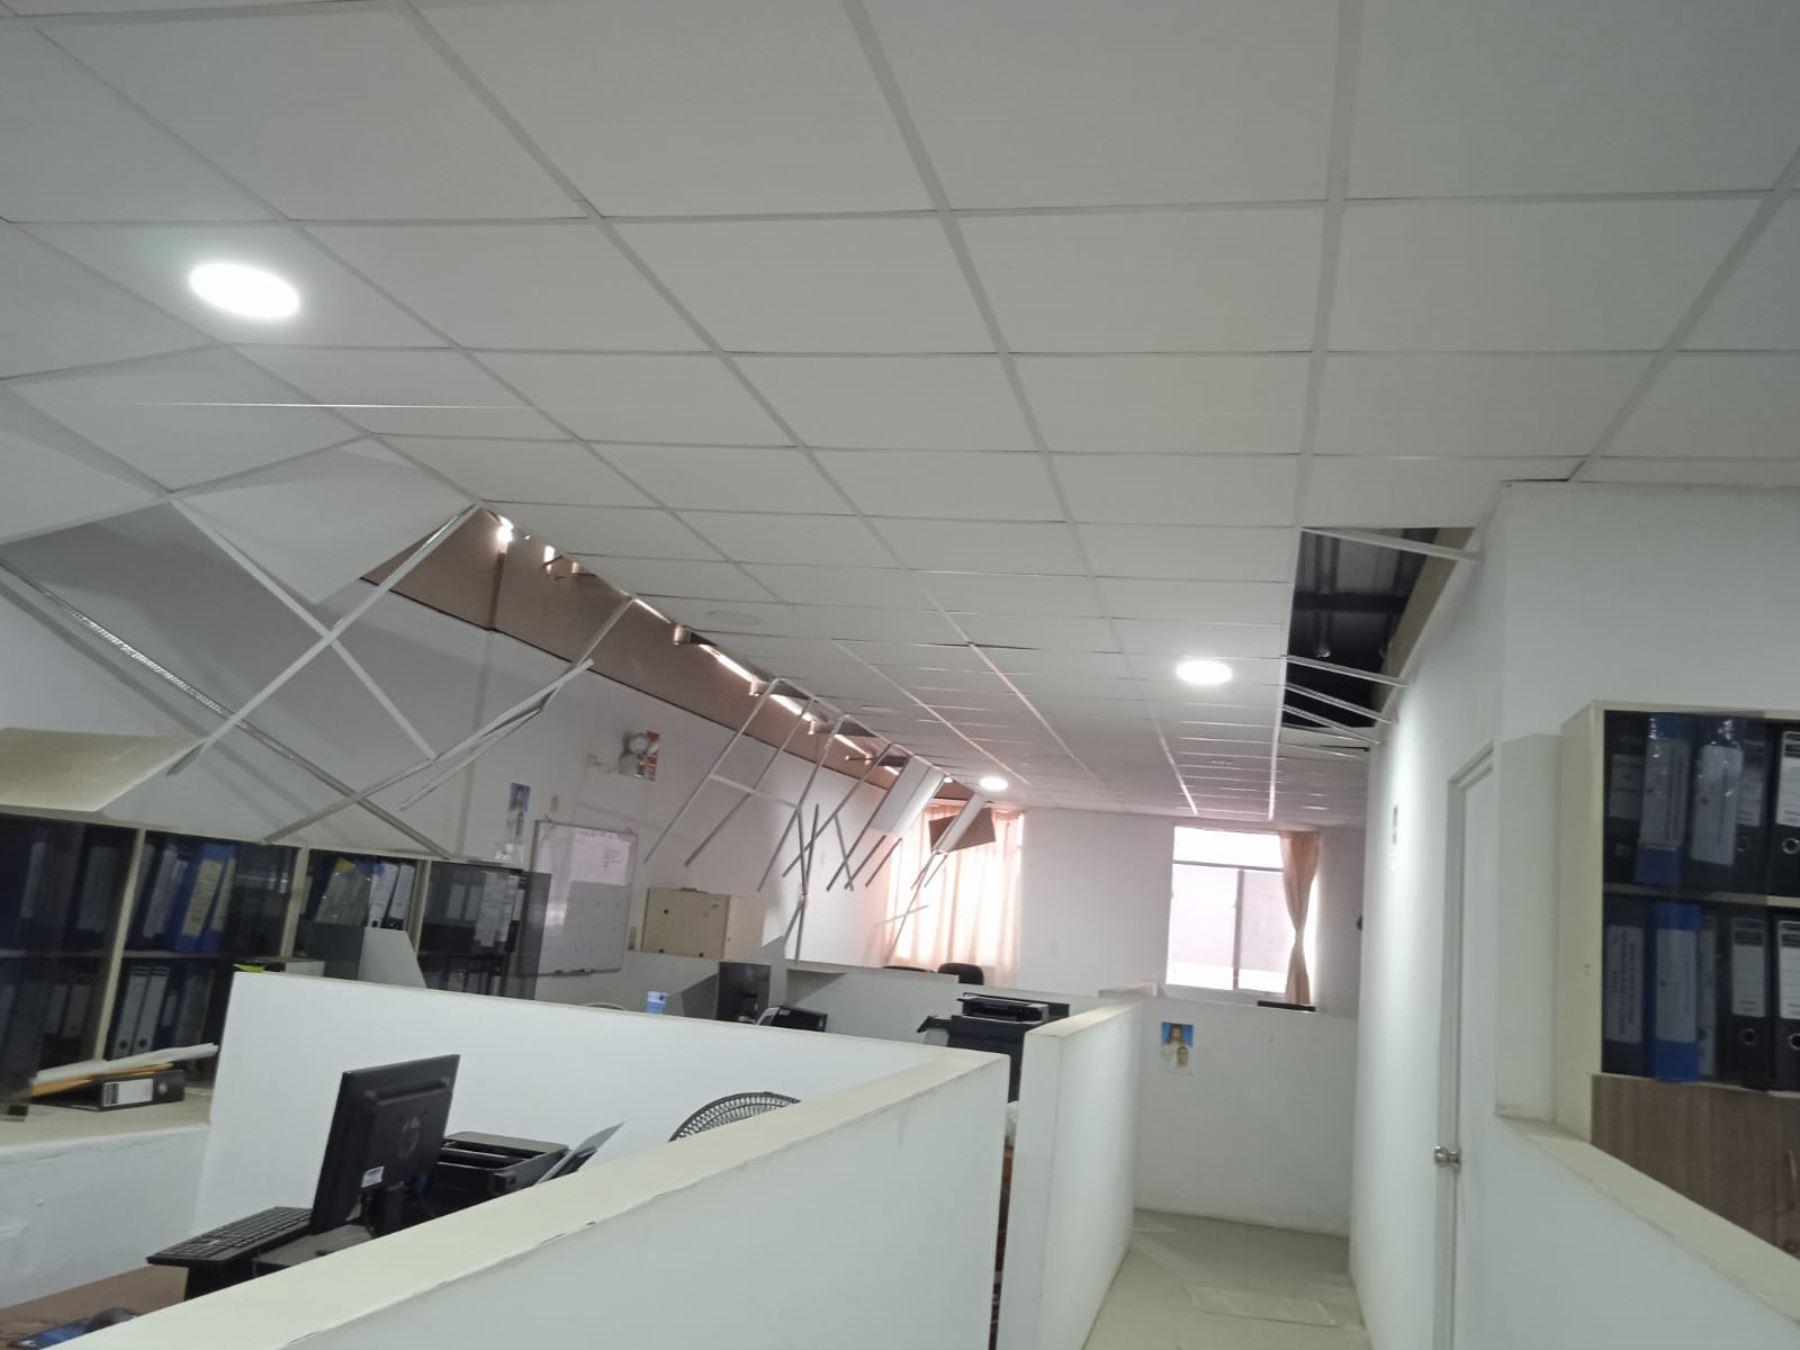 Reportan daños en viviendas, en locales e infraestructura públicos de Sullana por el fuerte sismo de magnitud 6.1 registrado hoy. Foto cortesía: Erwin Zapata.